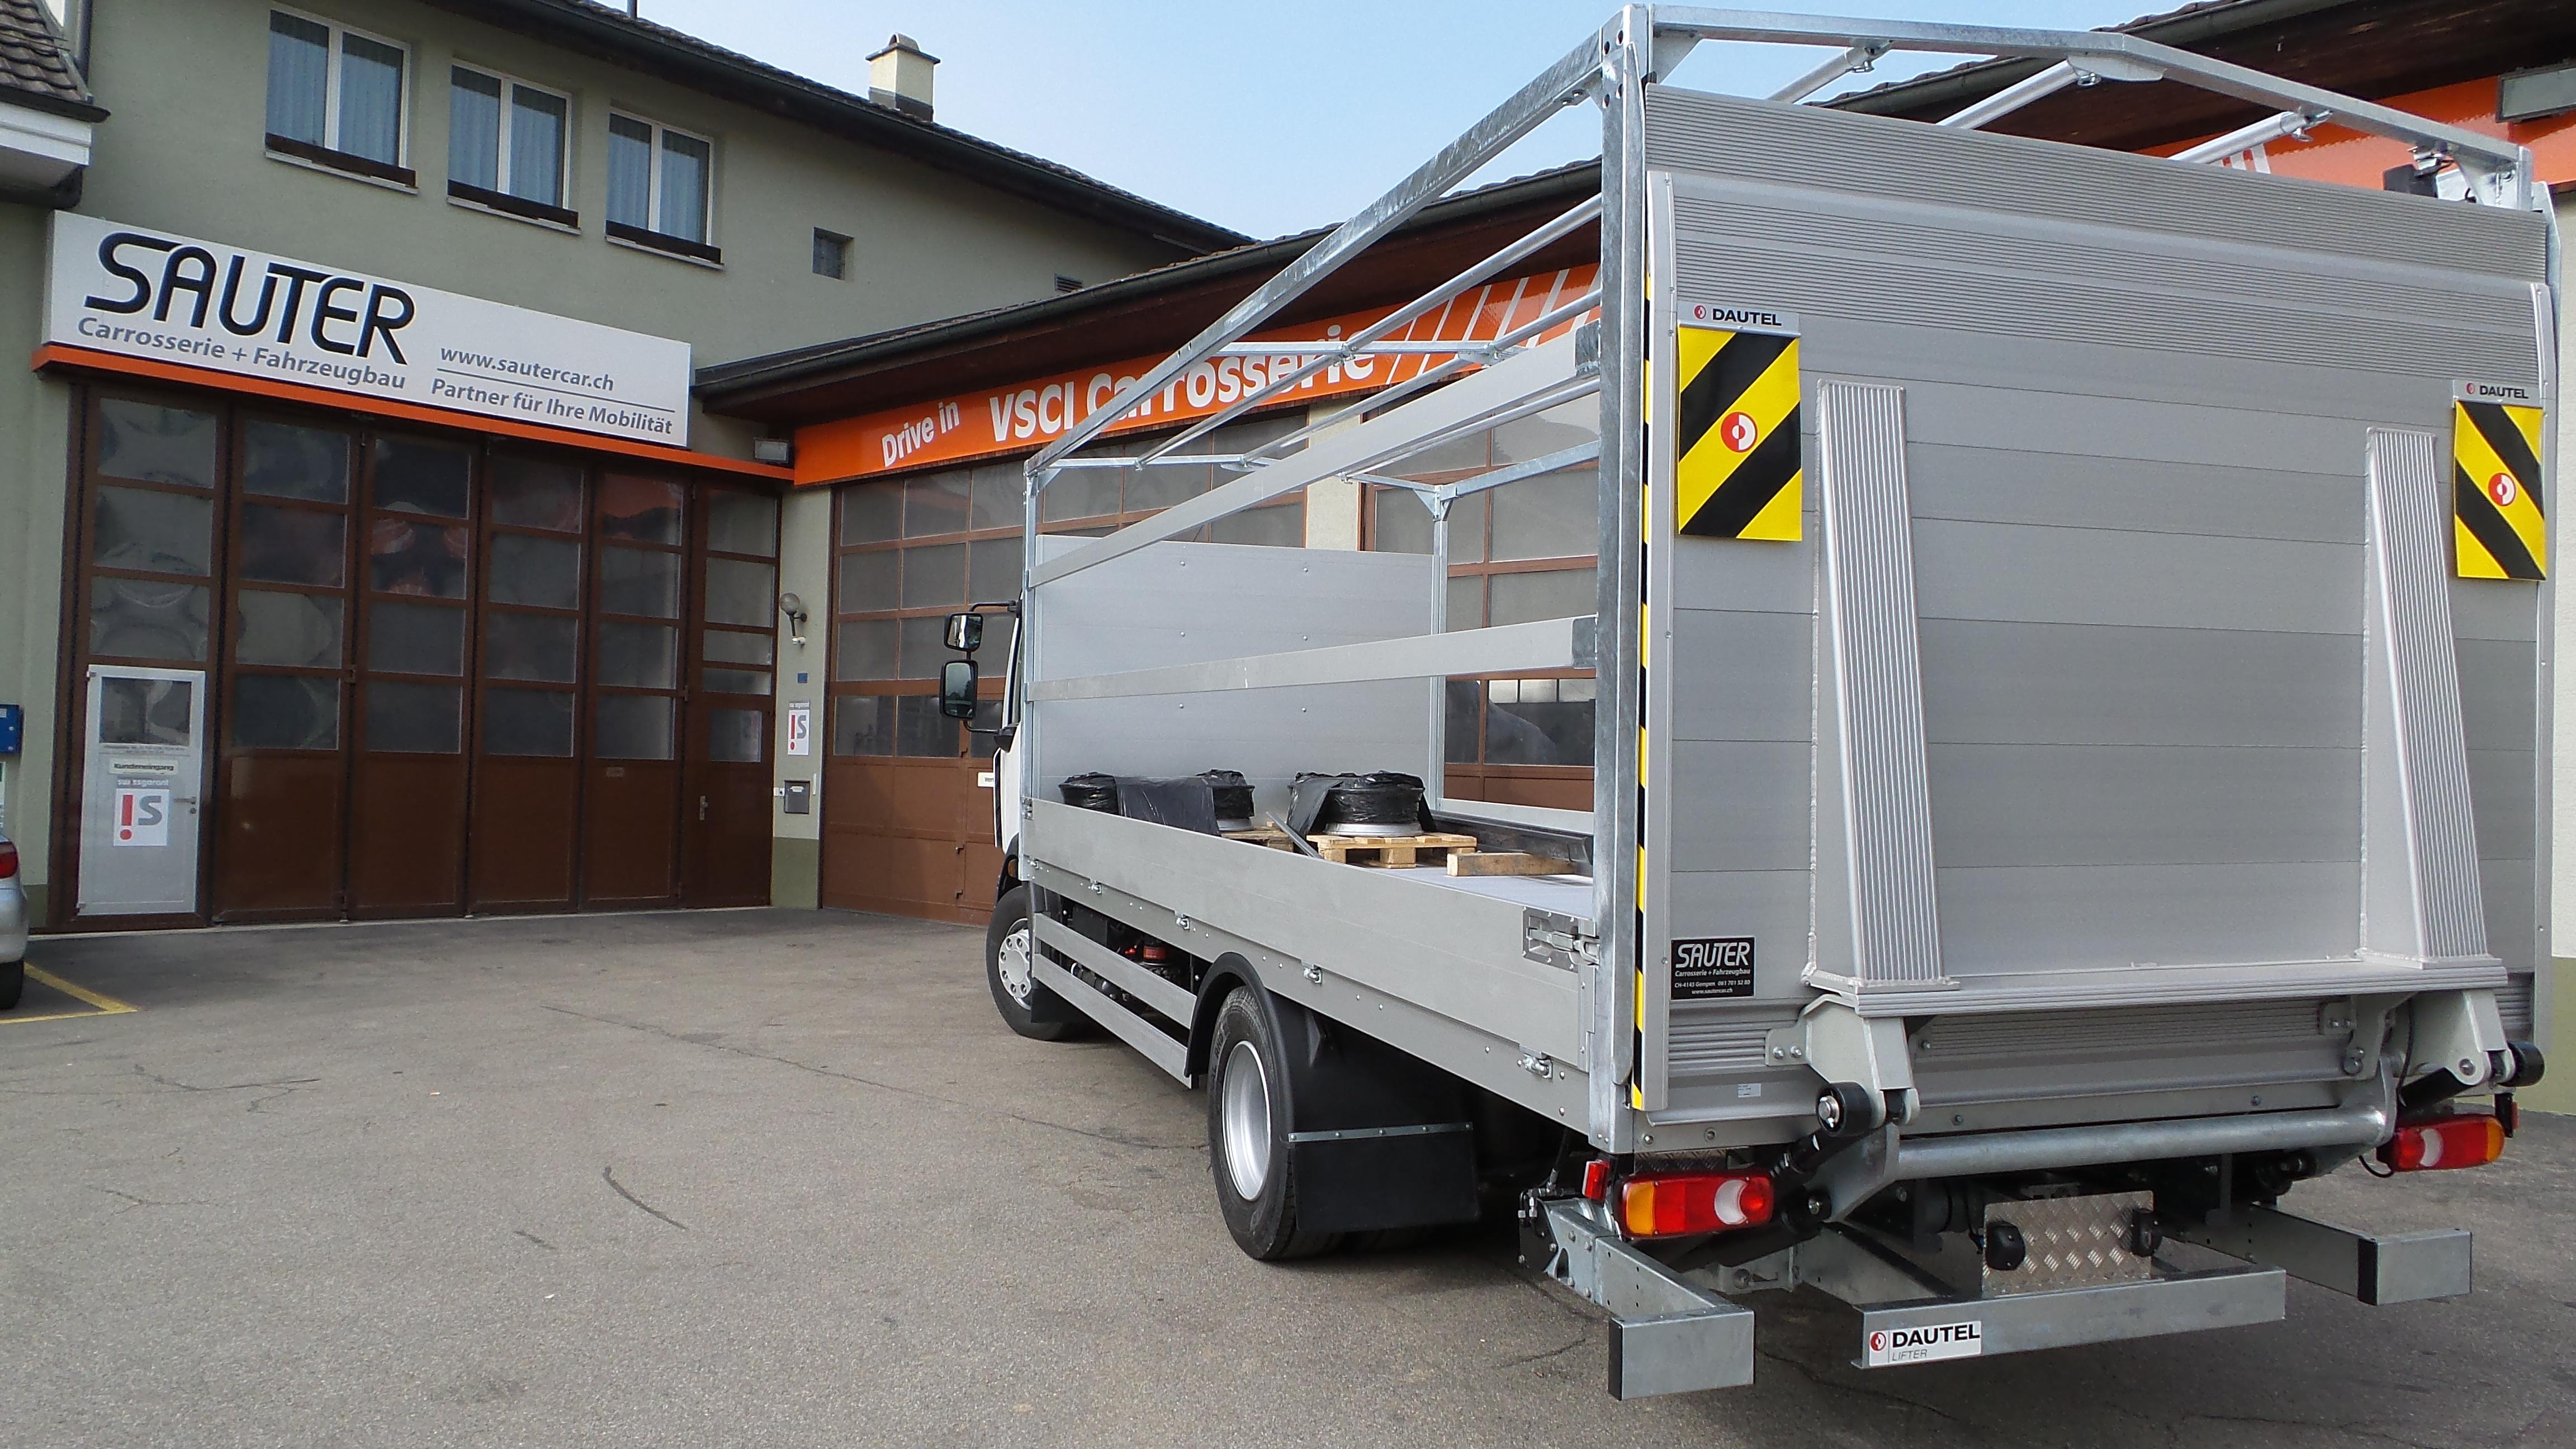 Carrosserie_Sauter_Fahrzeugbau_Brücke-Plane_33